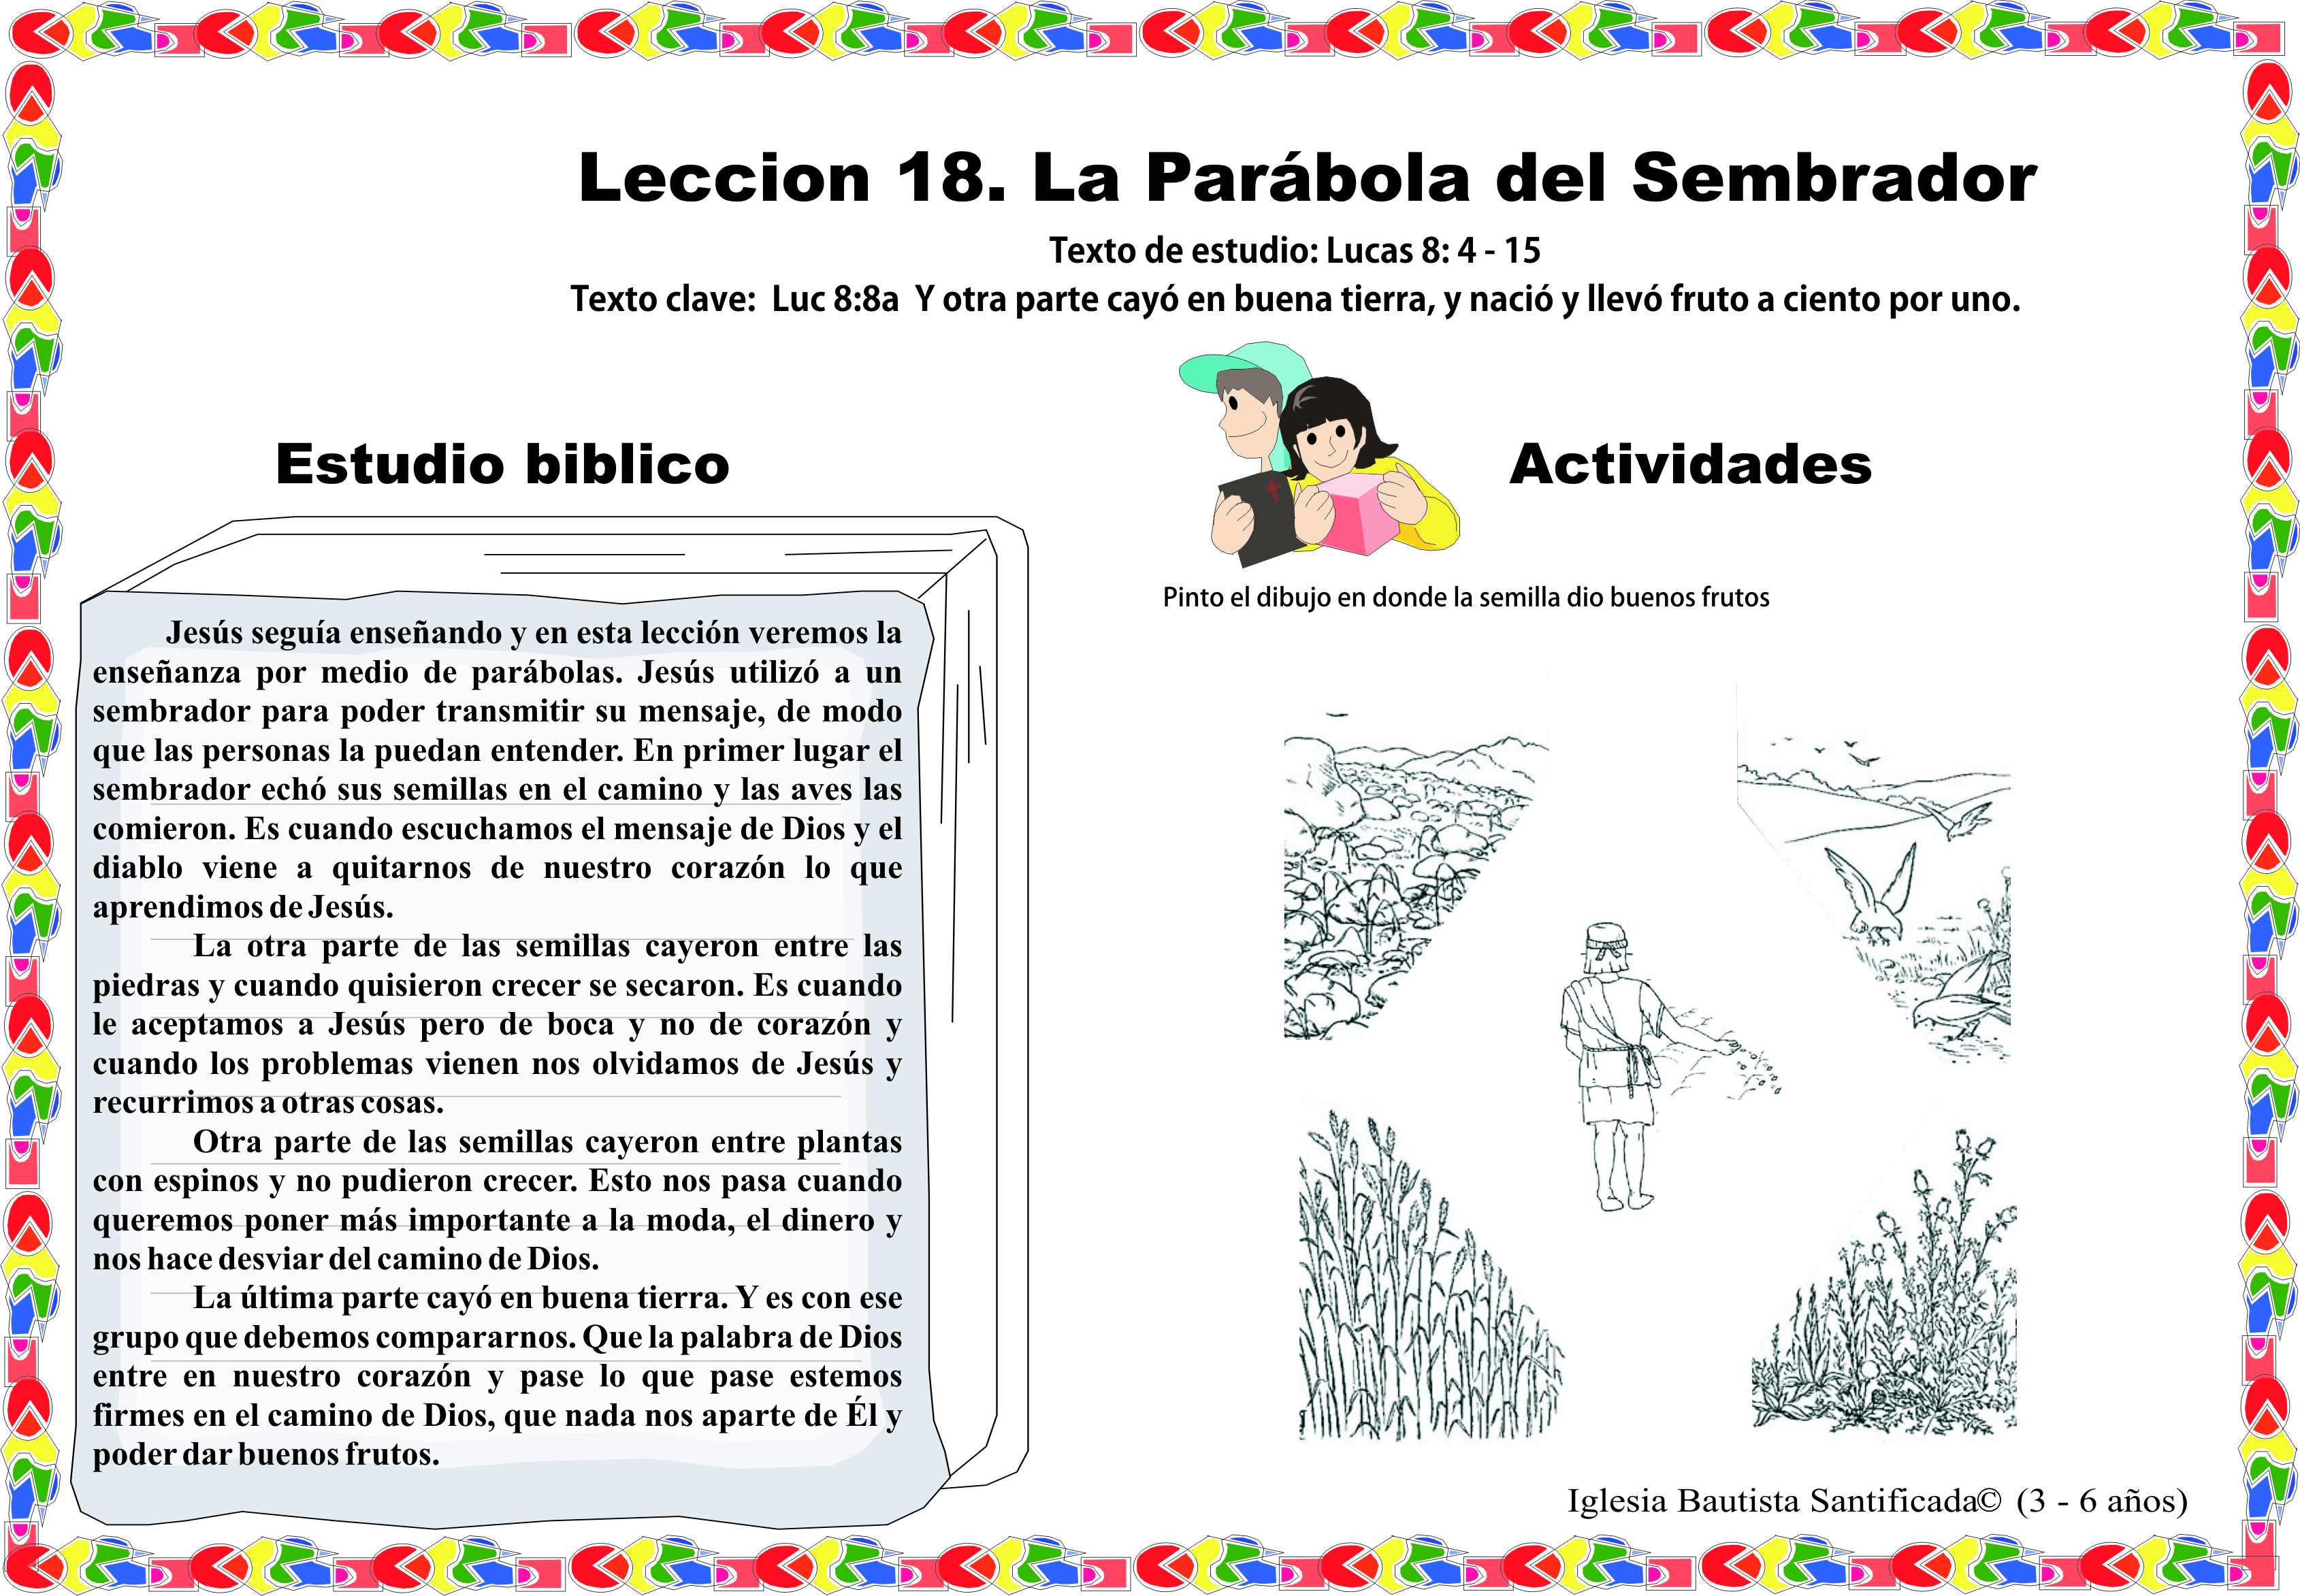 Lección 18. Parábola del Sembrador | Iglesia de Niños